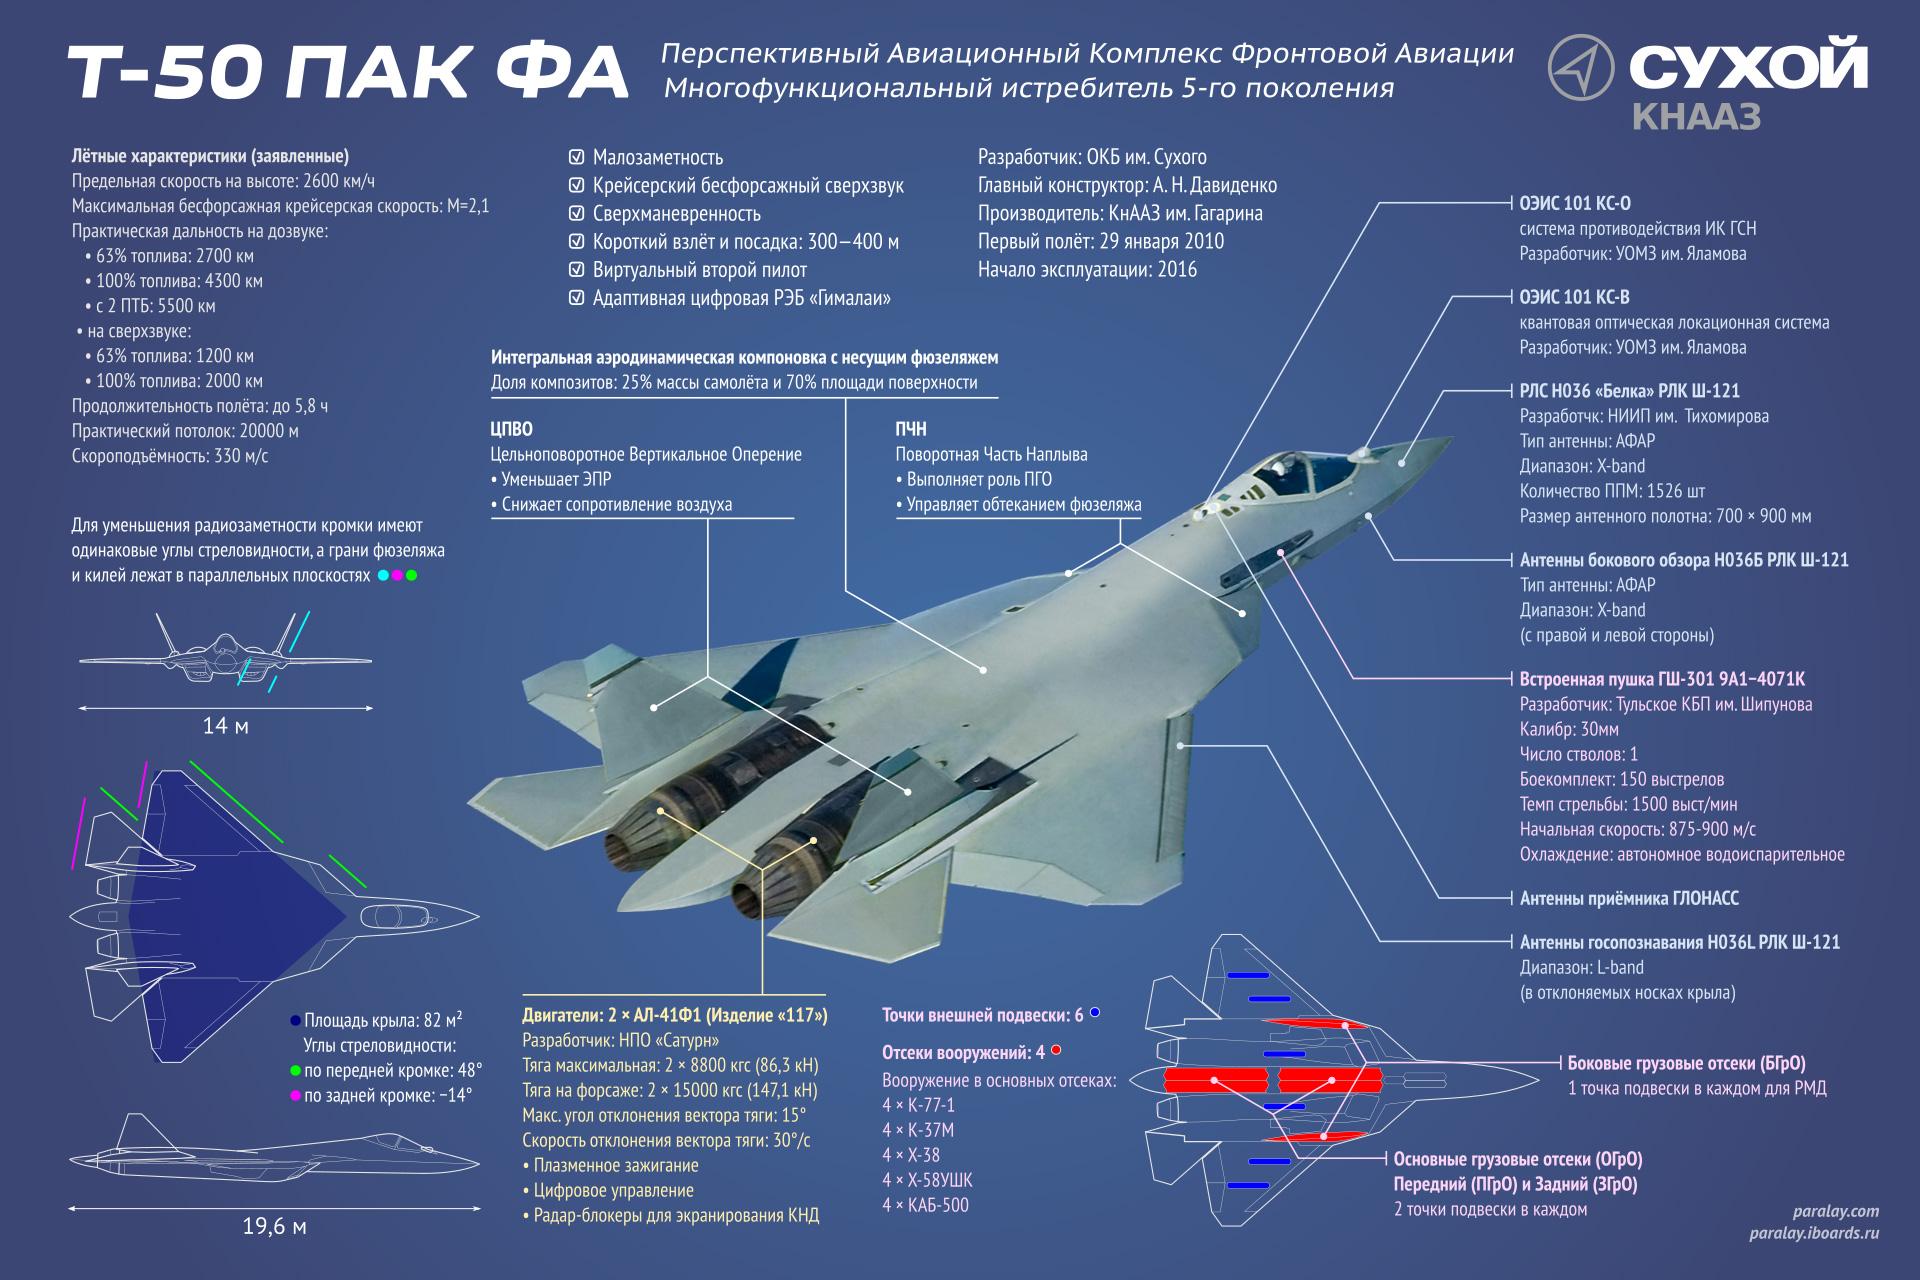 ф-35 самолет есть ли конкуренты степени статической